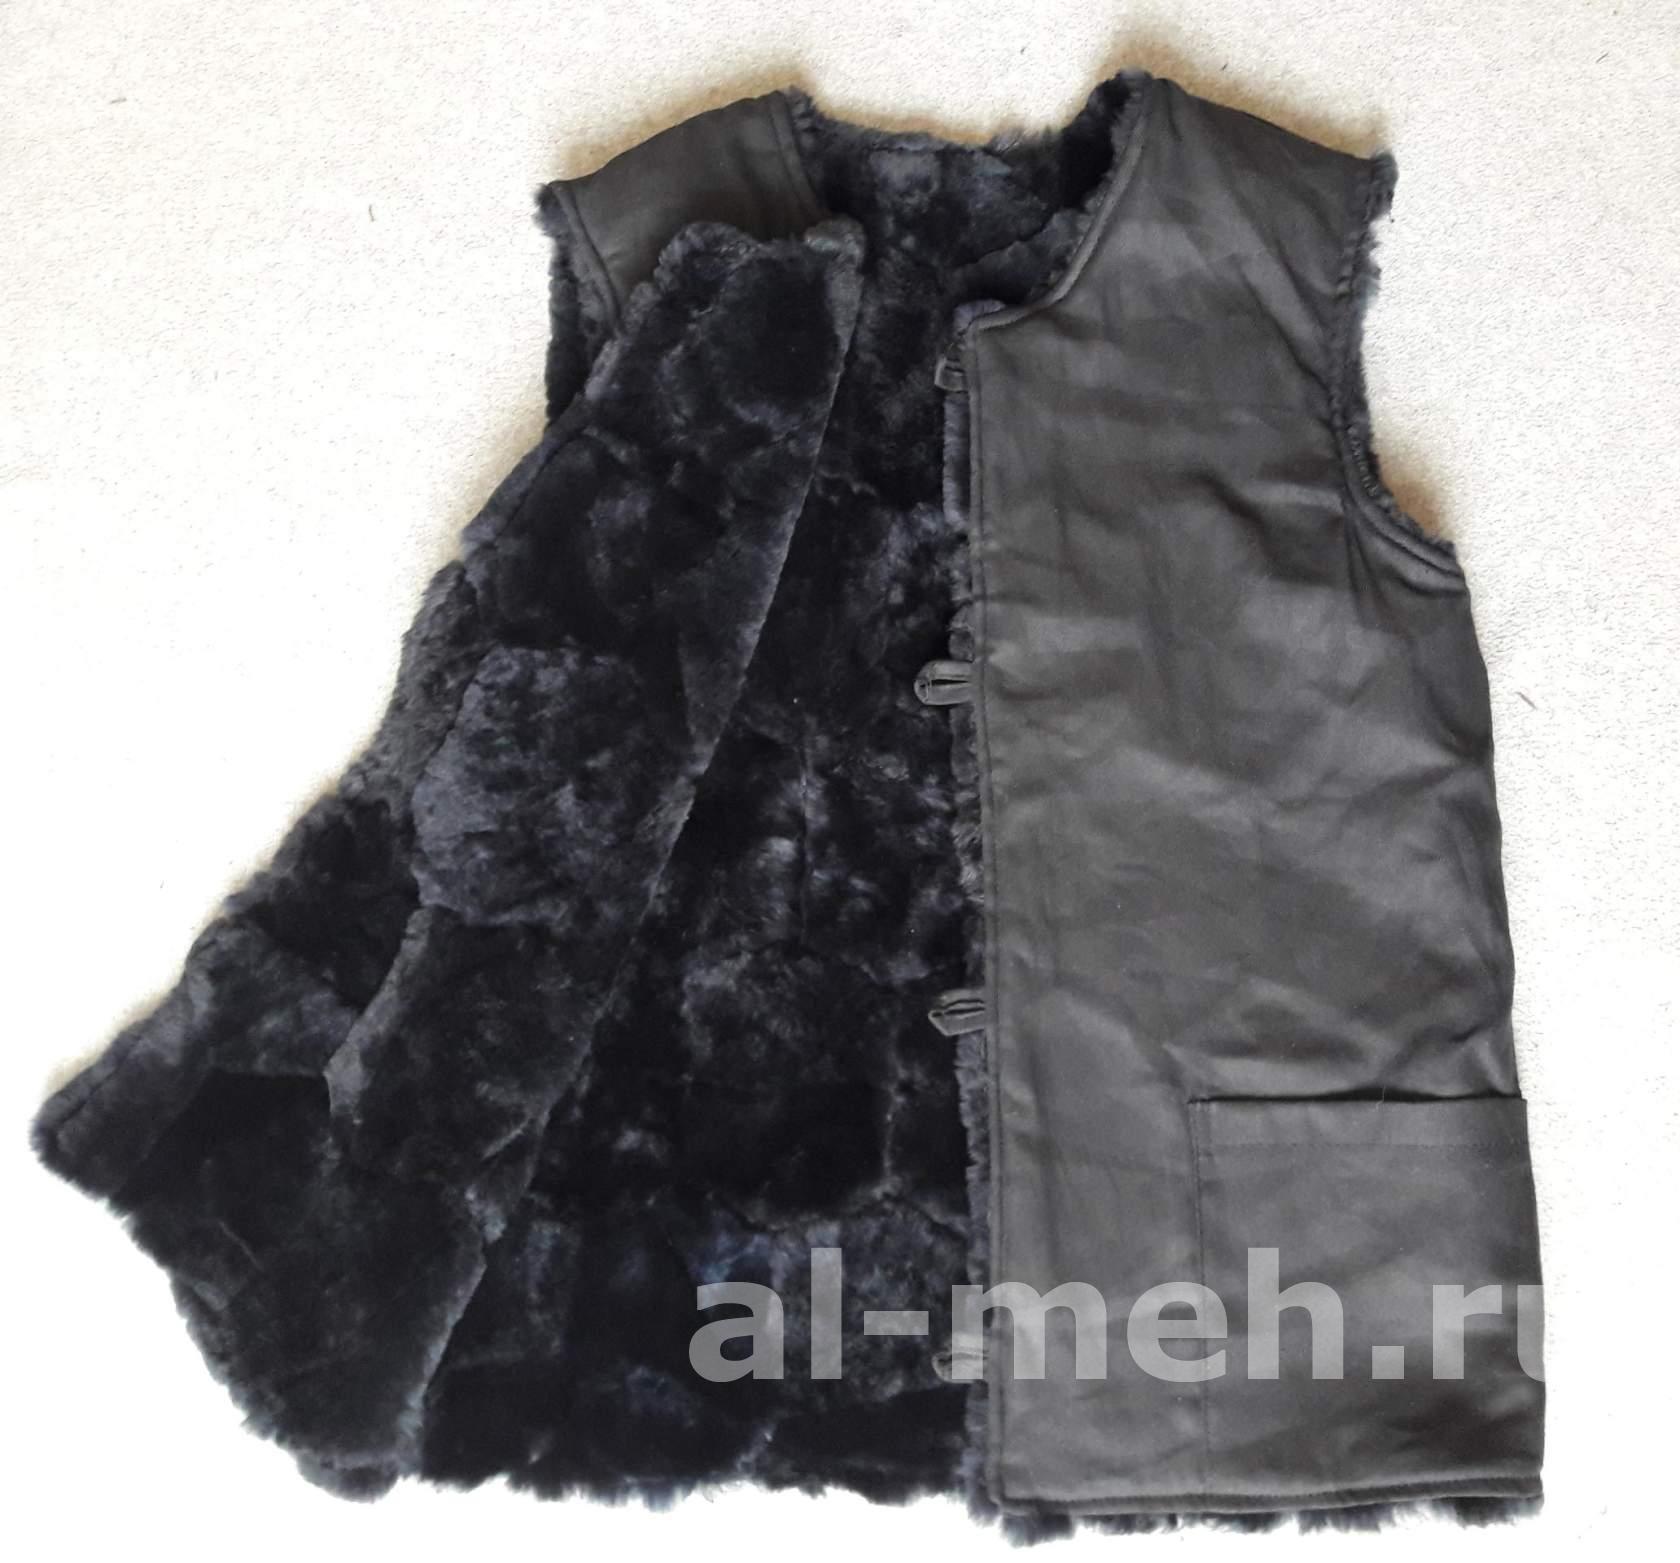 Жилет — подстежка из натурального меха крытый тканью Диагональ